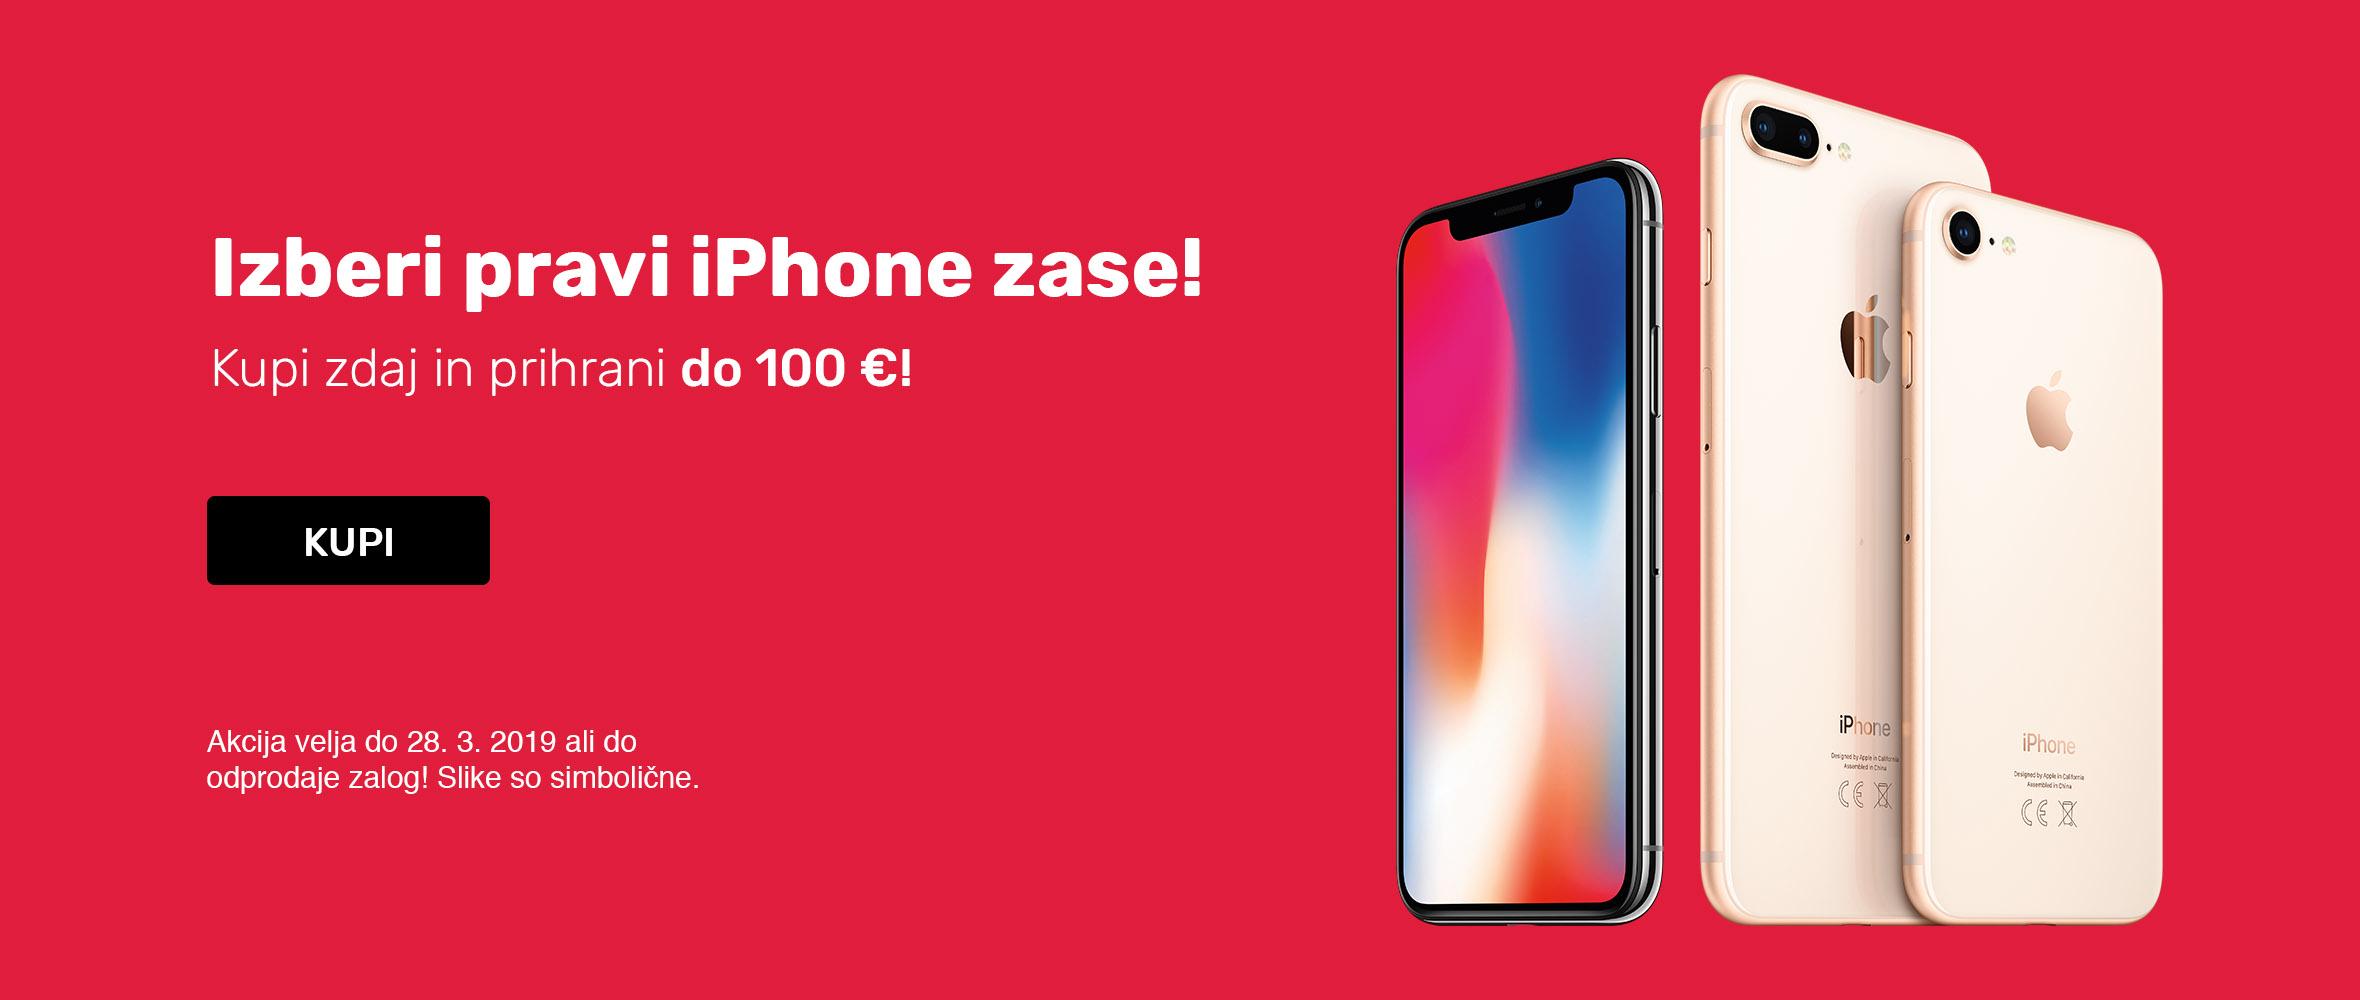 SI - Izberi pravi iPhone zase